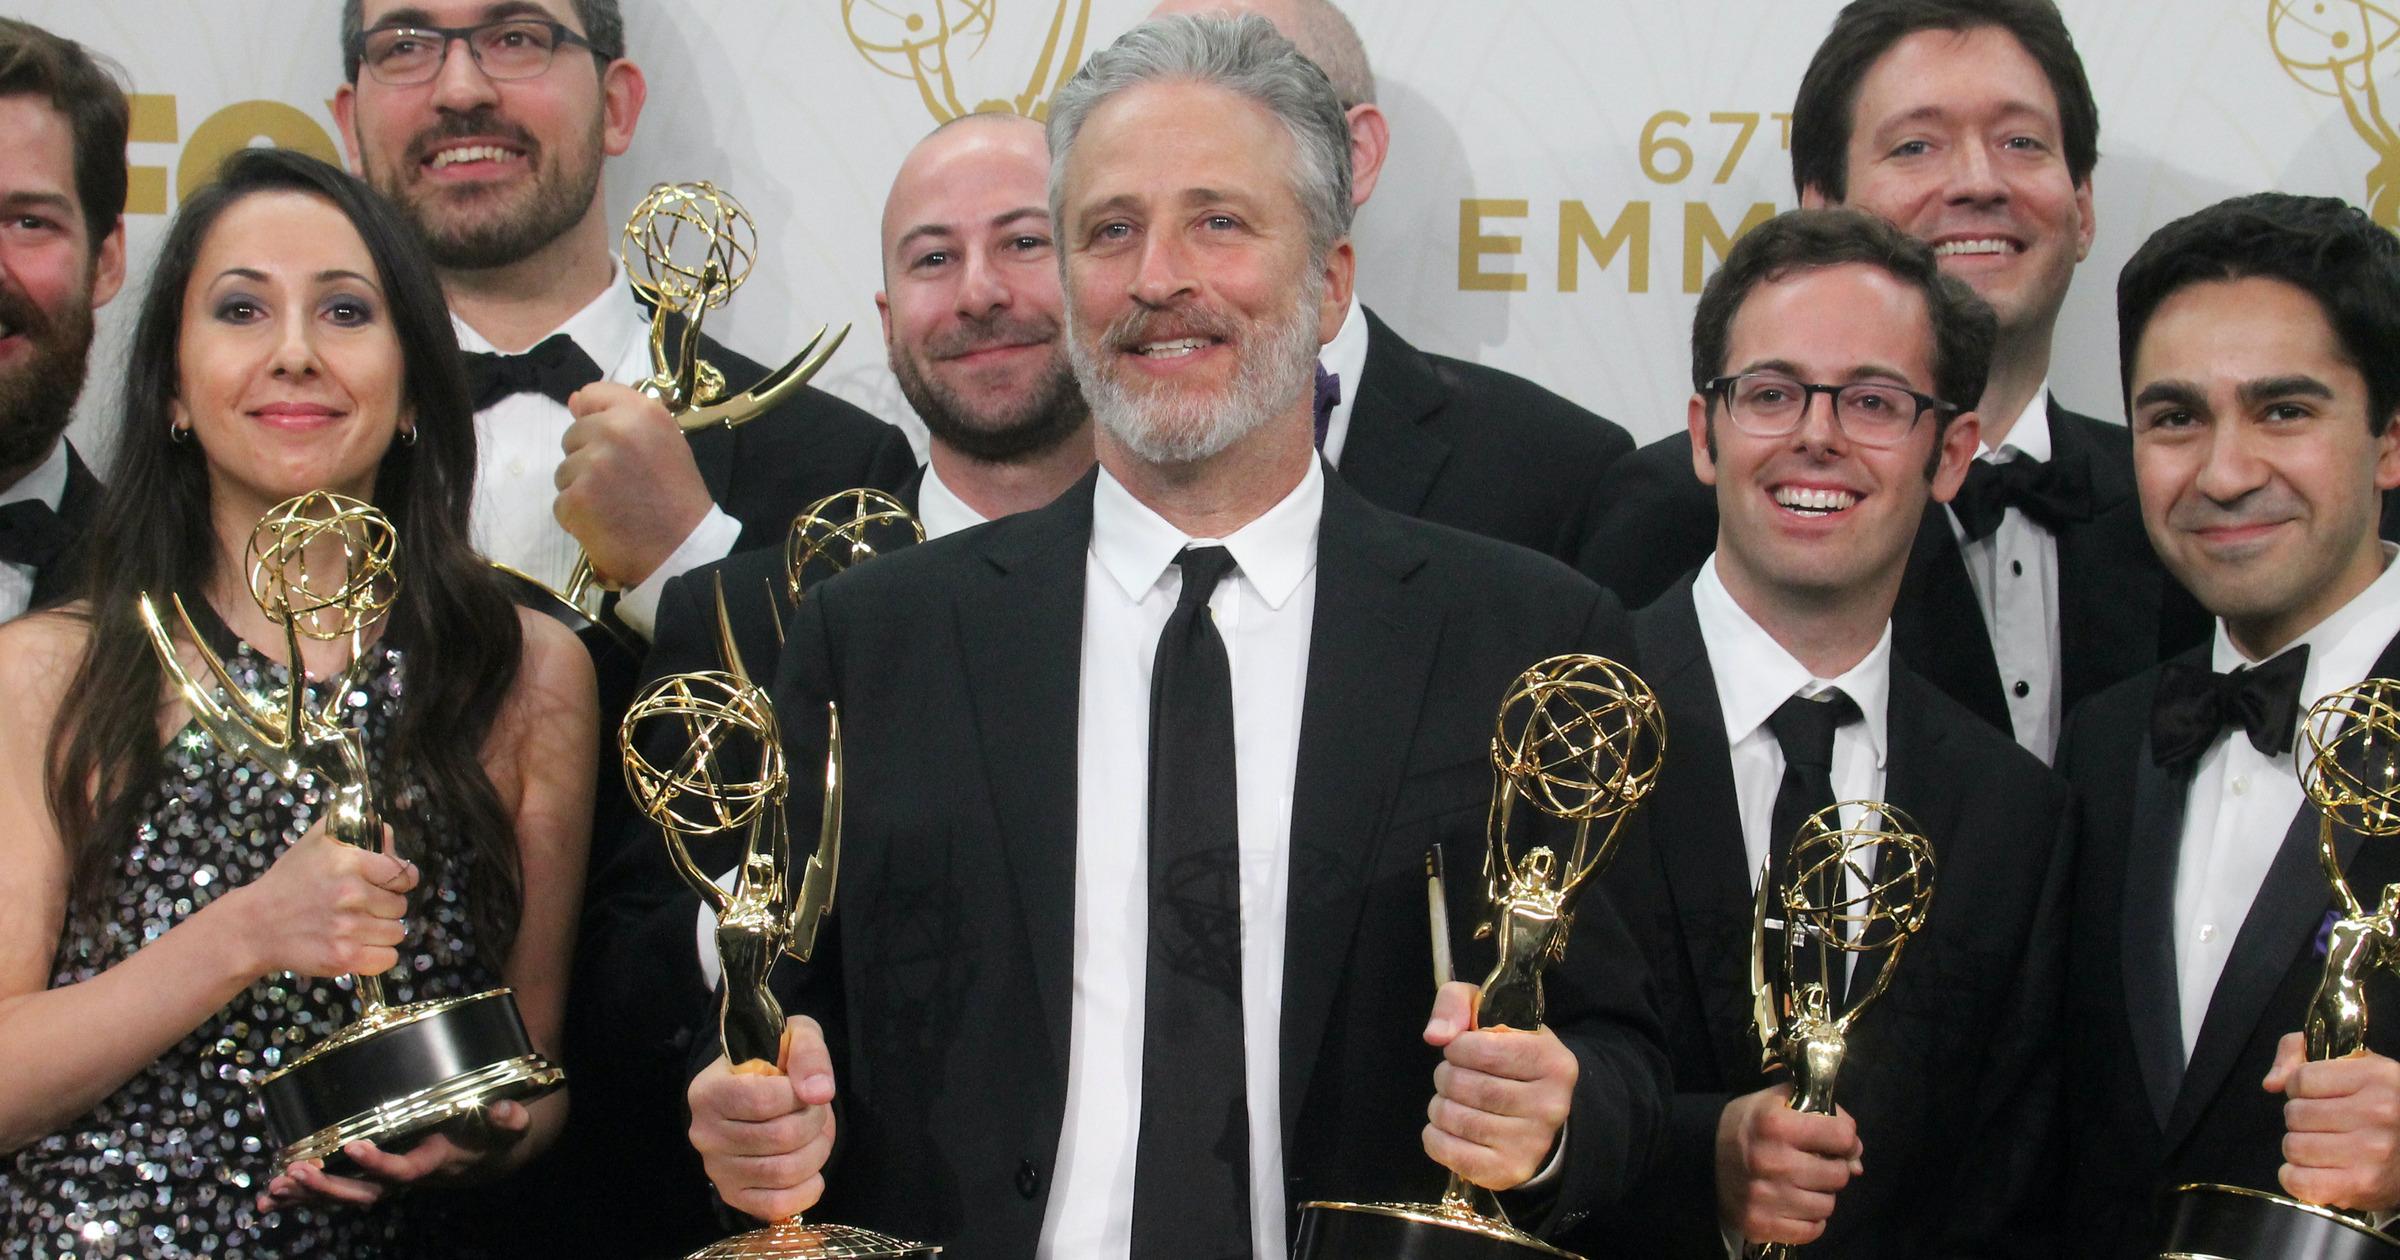 Jon Stewart with Emmy Awards